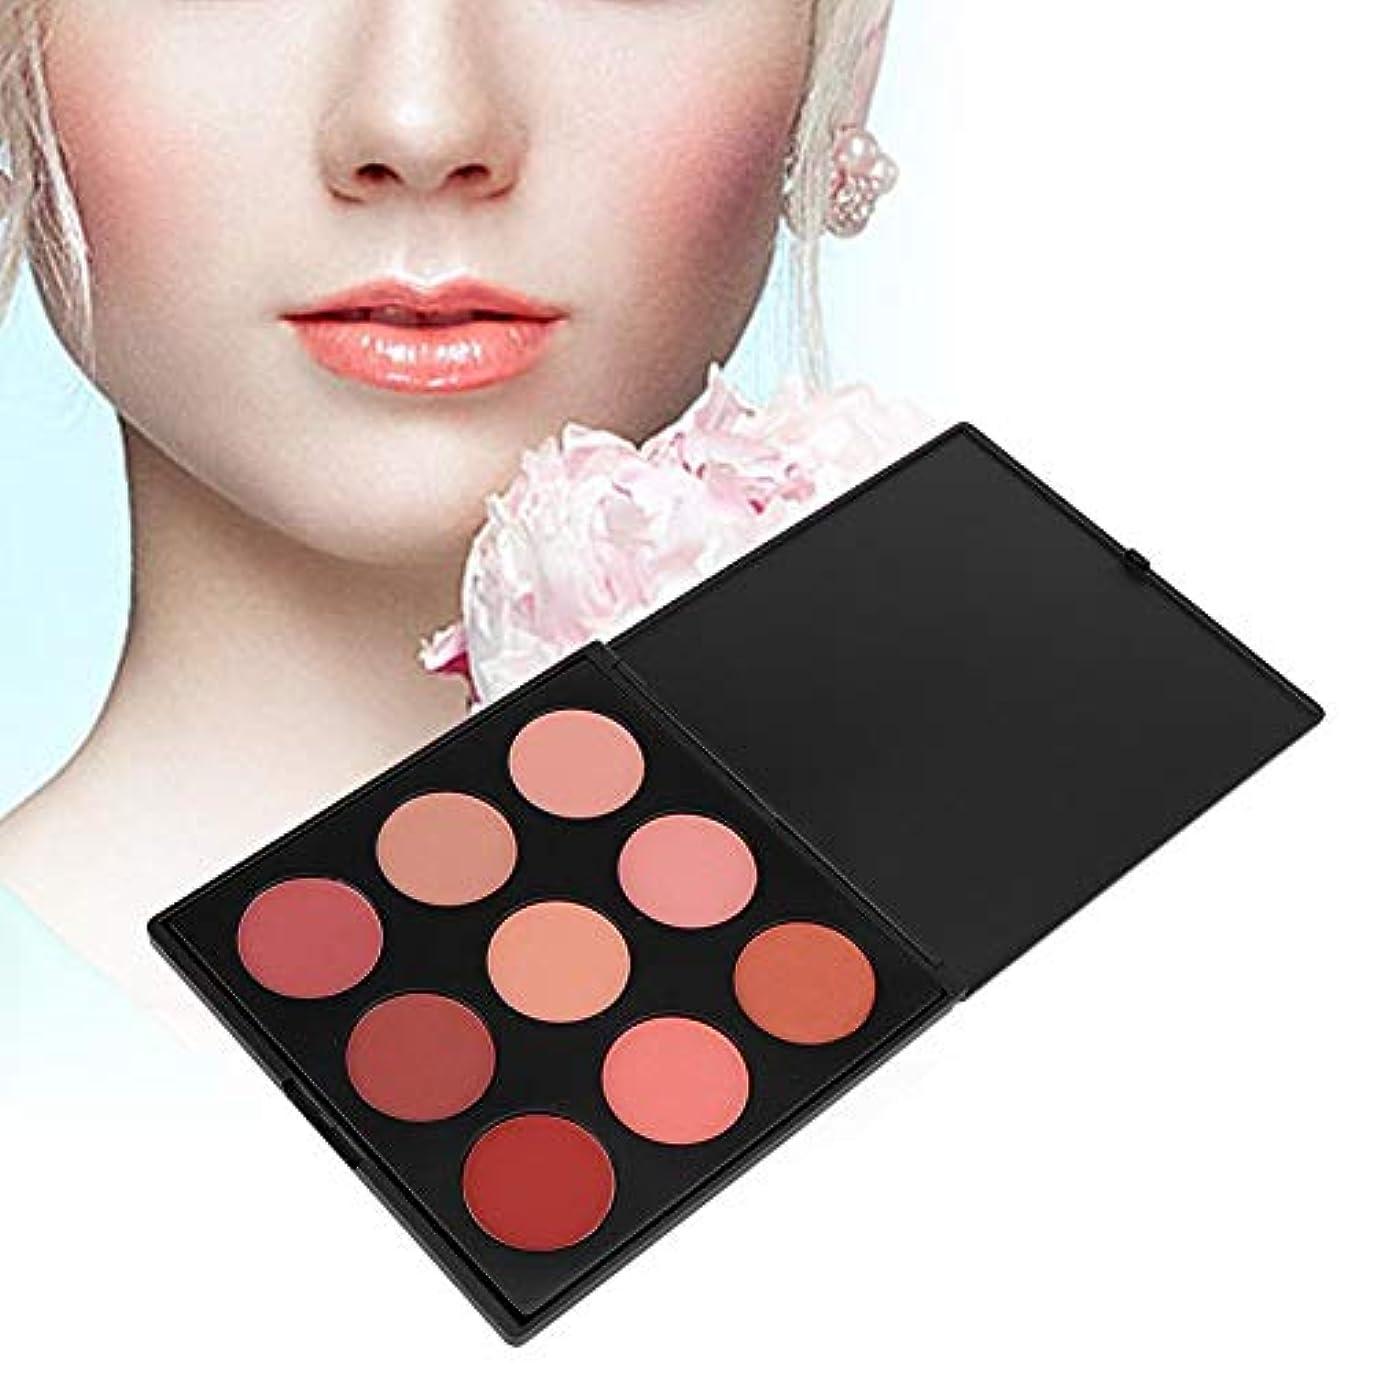 アミューズ経済ショップ9色 フェイスメイクアップ ブラッシャーフェイス 輪郭整形 パワーロングラスティング 化粧品(9N)